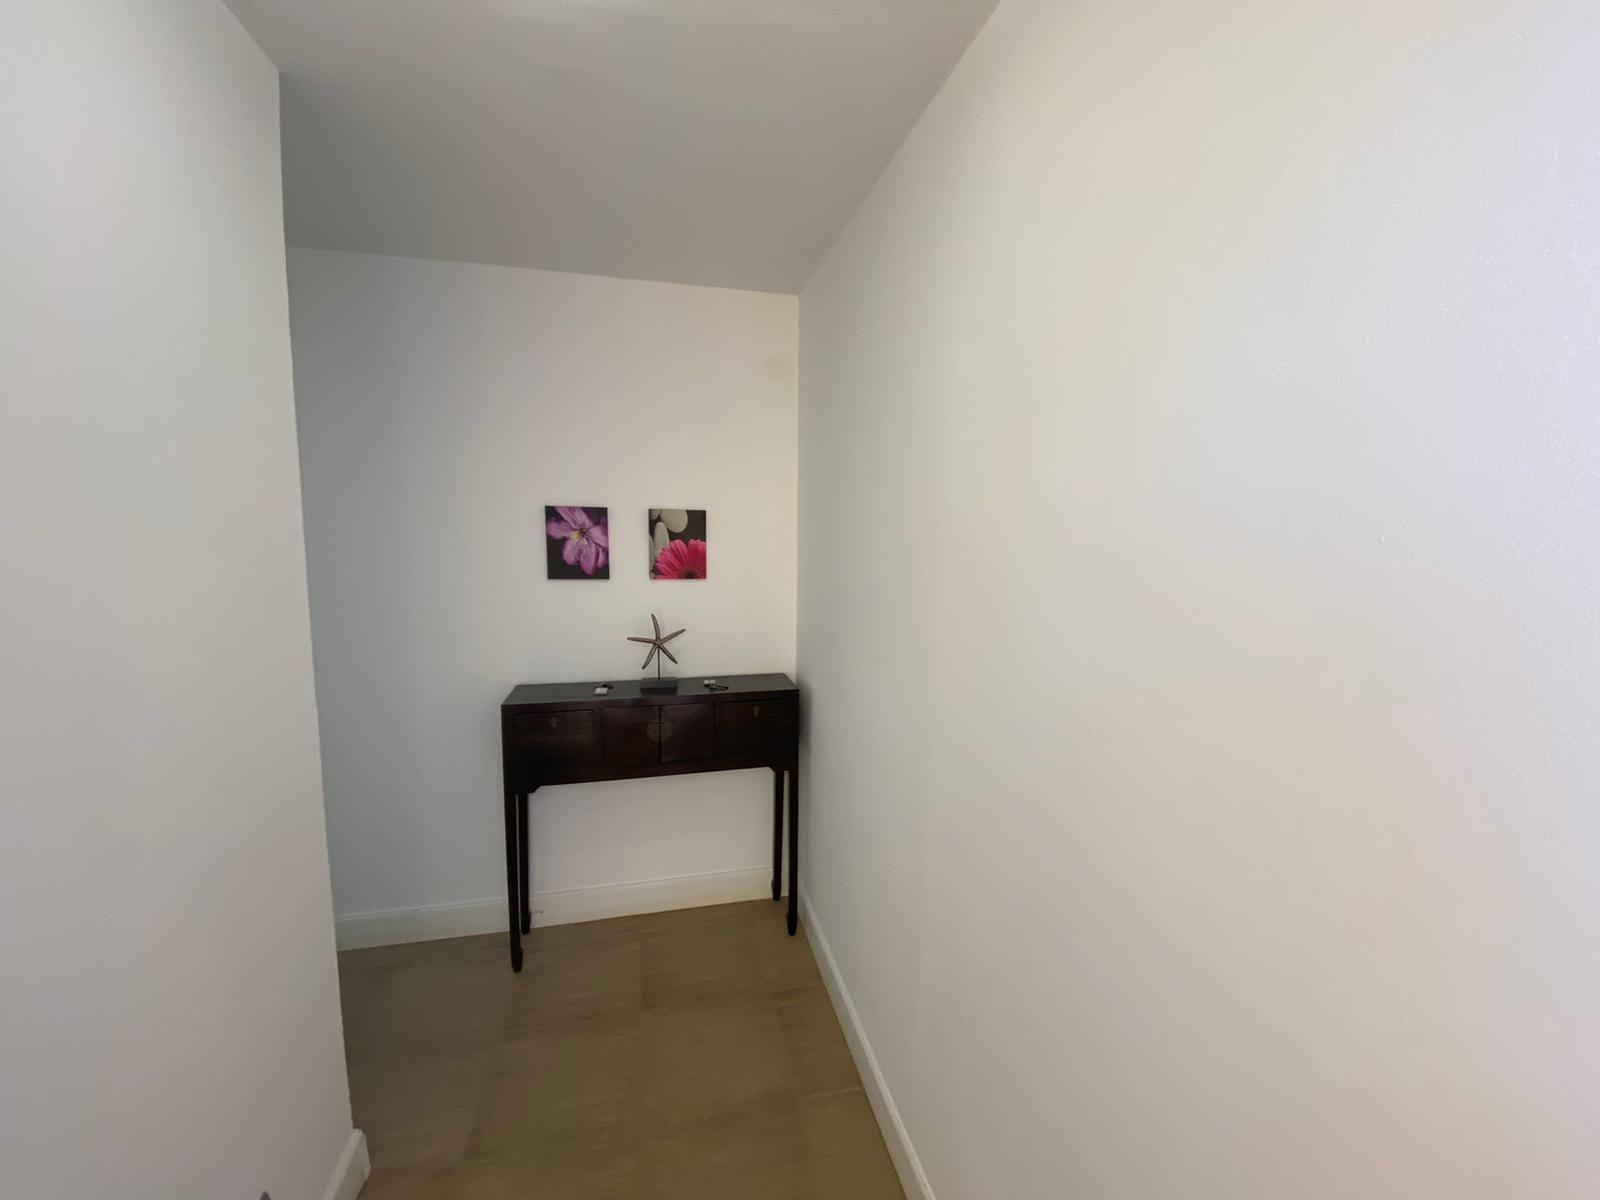 Imagen 10 del Apartamento Turístico, Ático 1 Poniente (3d+2b), Punta del Moral (HUELVA), Paseo de la Cruz nº22